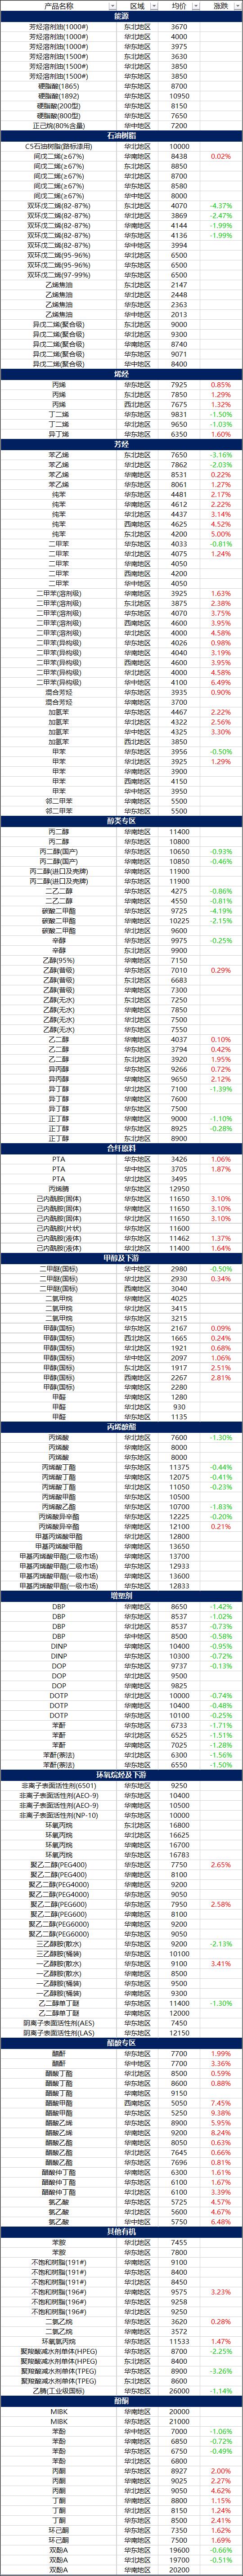 12月9日摩贝基础化学品价格行情